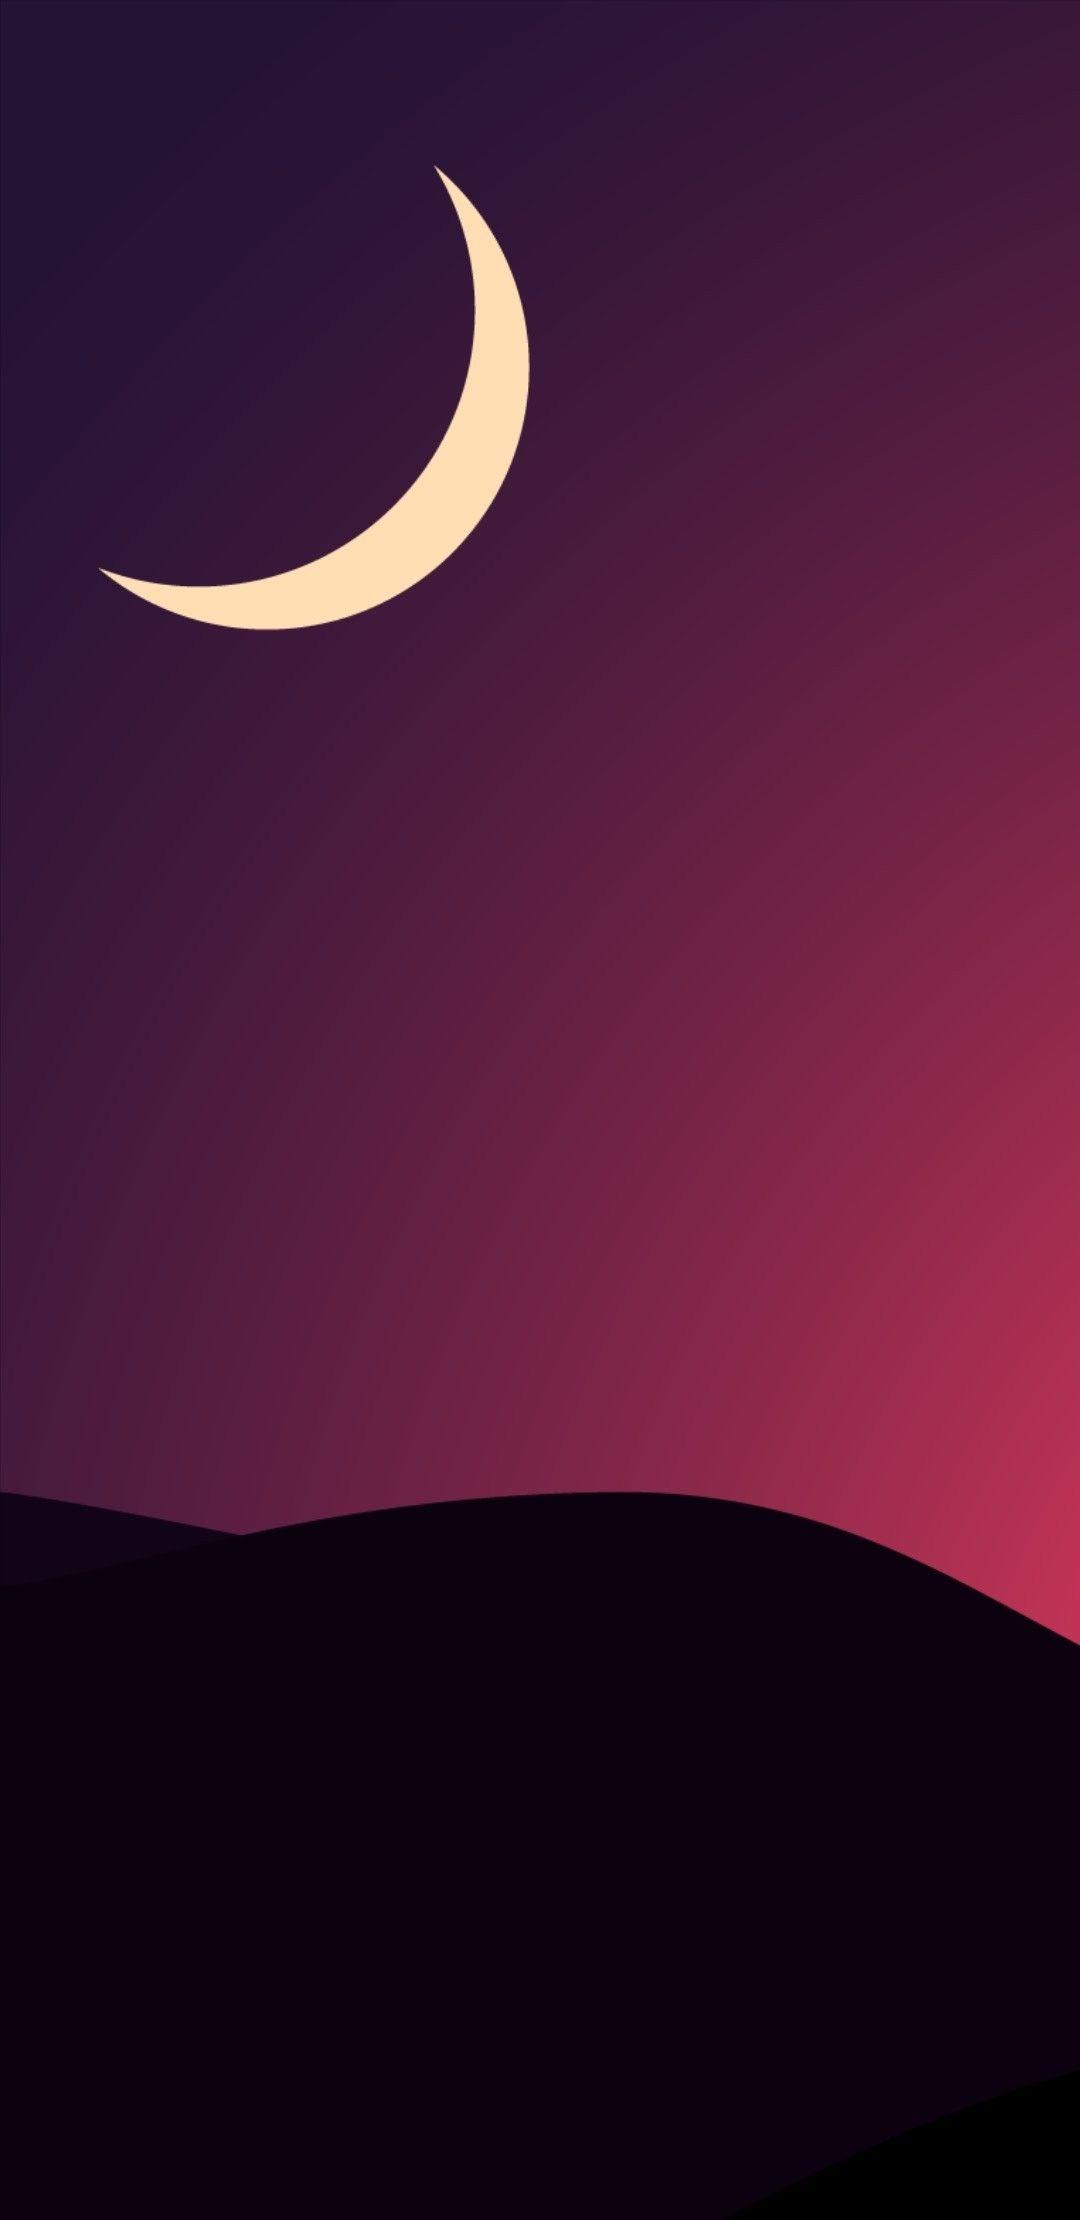 Moon Saved by SRIRAM Papeis de parede Imagens misticas 1080x2220